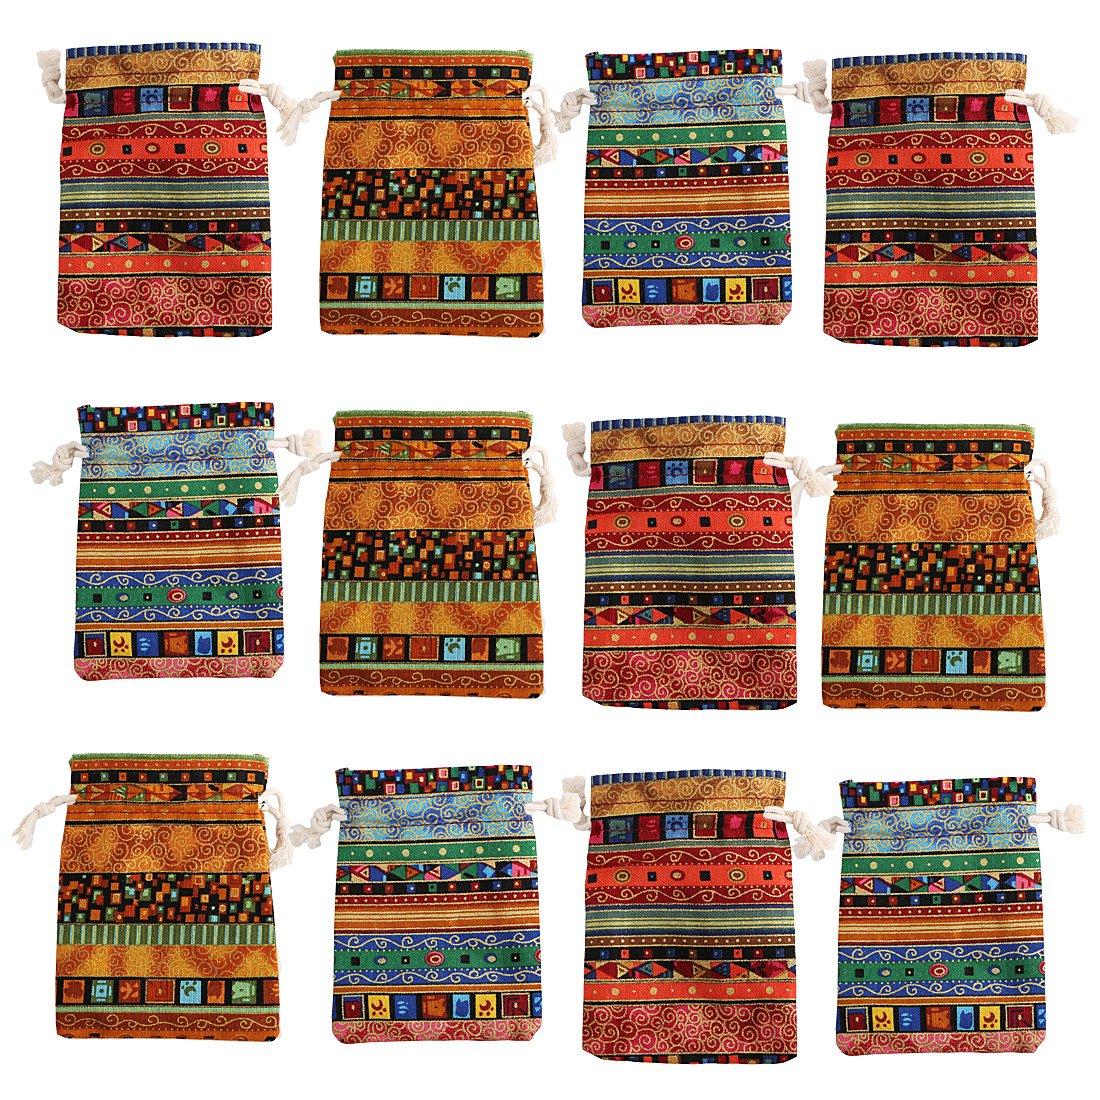 kilofly 12pc Egyptian Style Jewelry Coin Pouches Aztec Print Drawstring Gift Bag TBA406set12